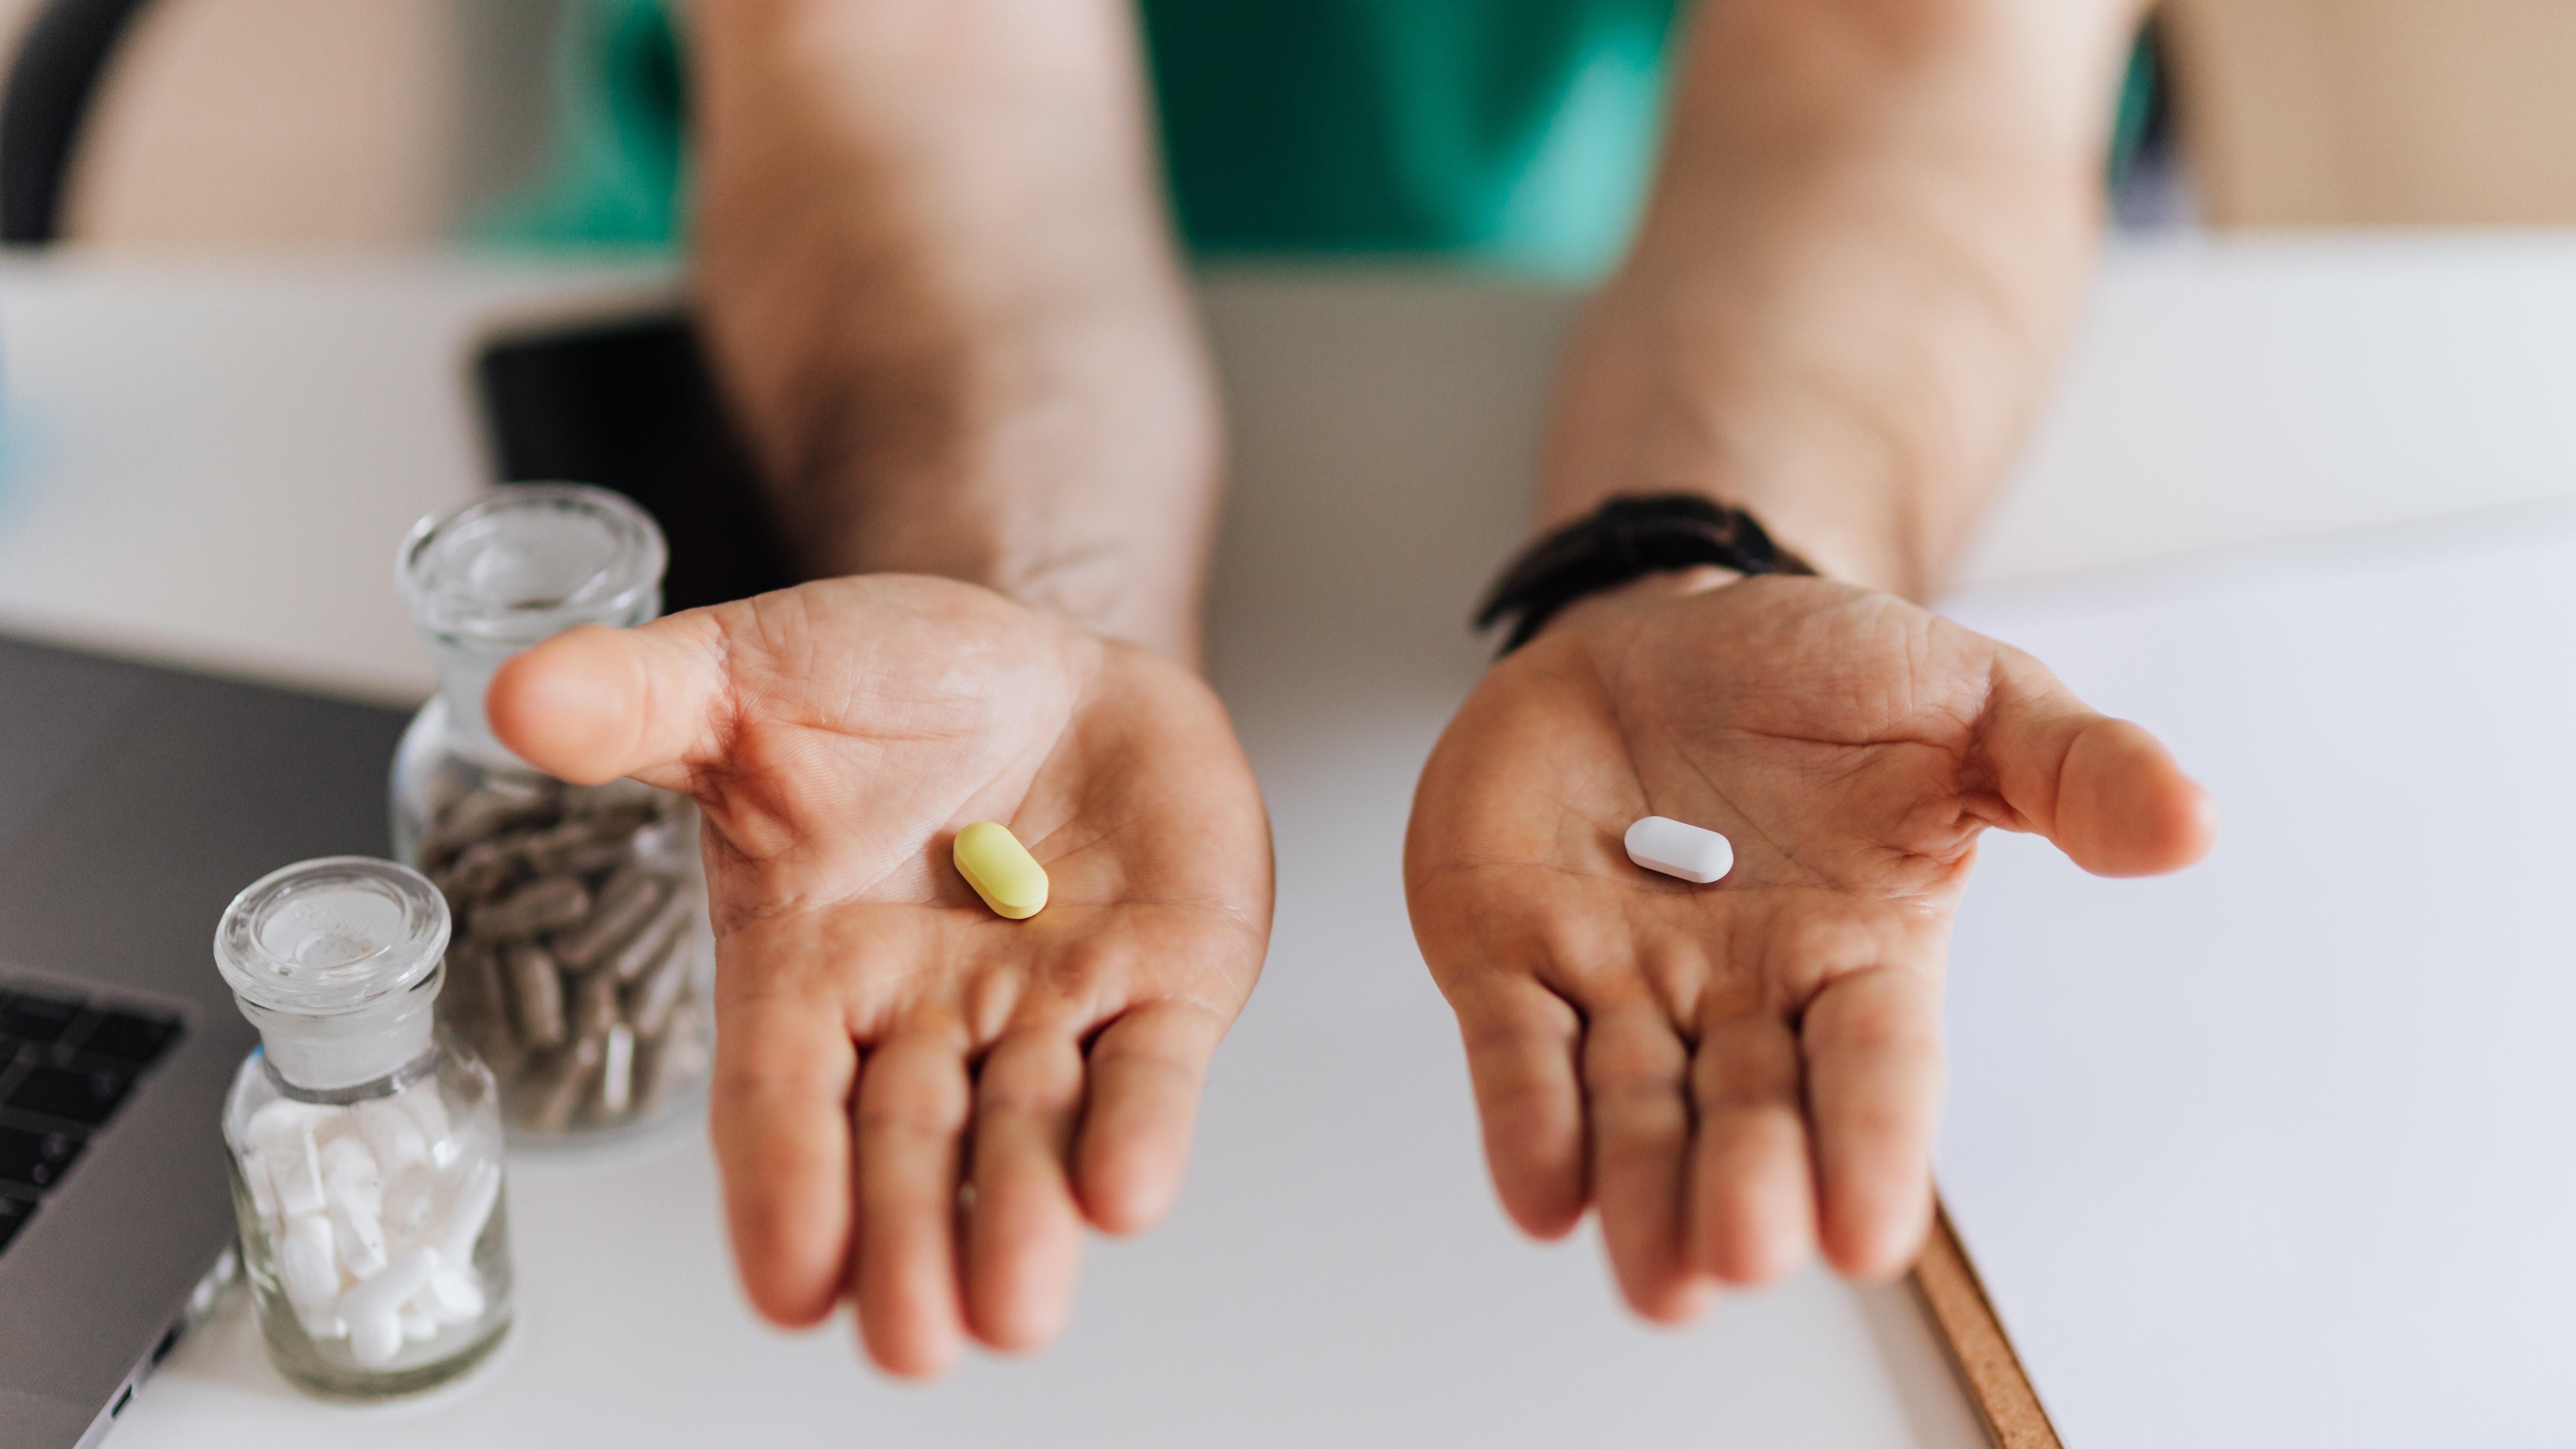 Ist der PCT-Wert hoch und steckt eine bakterielle Entzündung dahinter, können Antibiotika helfen.